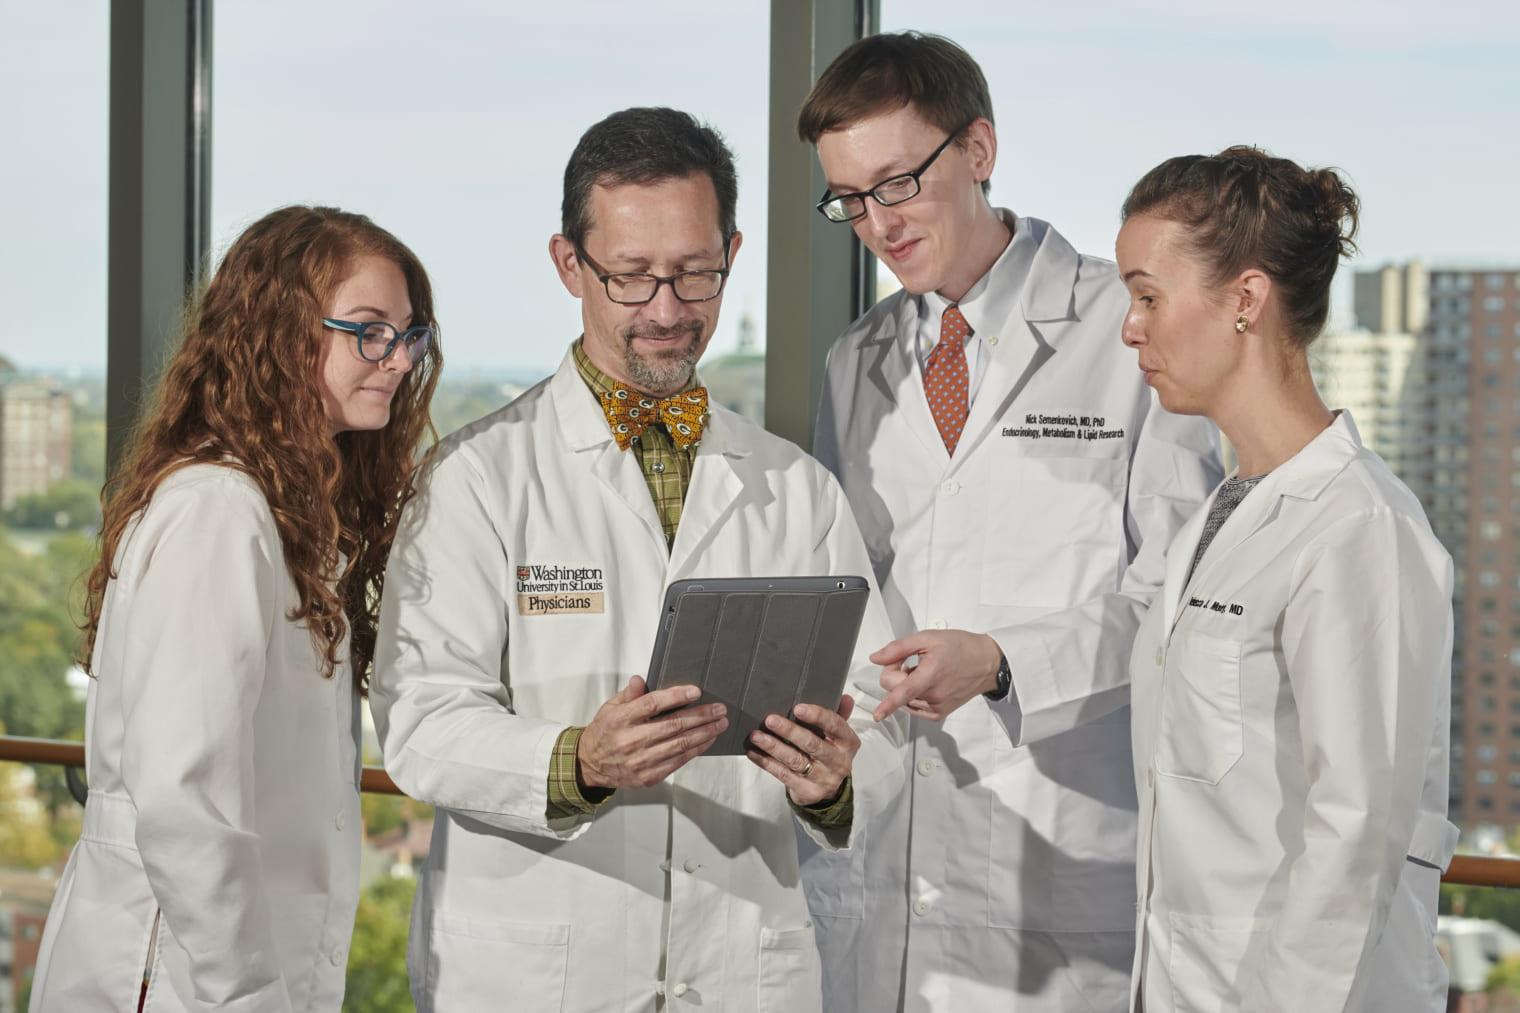 Dr. Thomas Baranski with clinical fellows